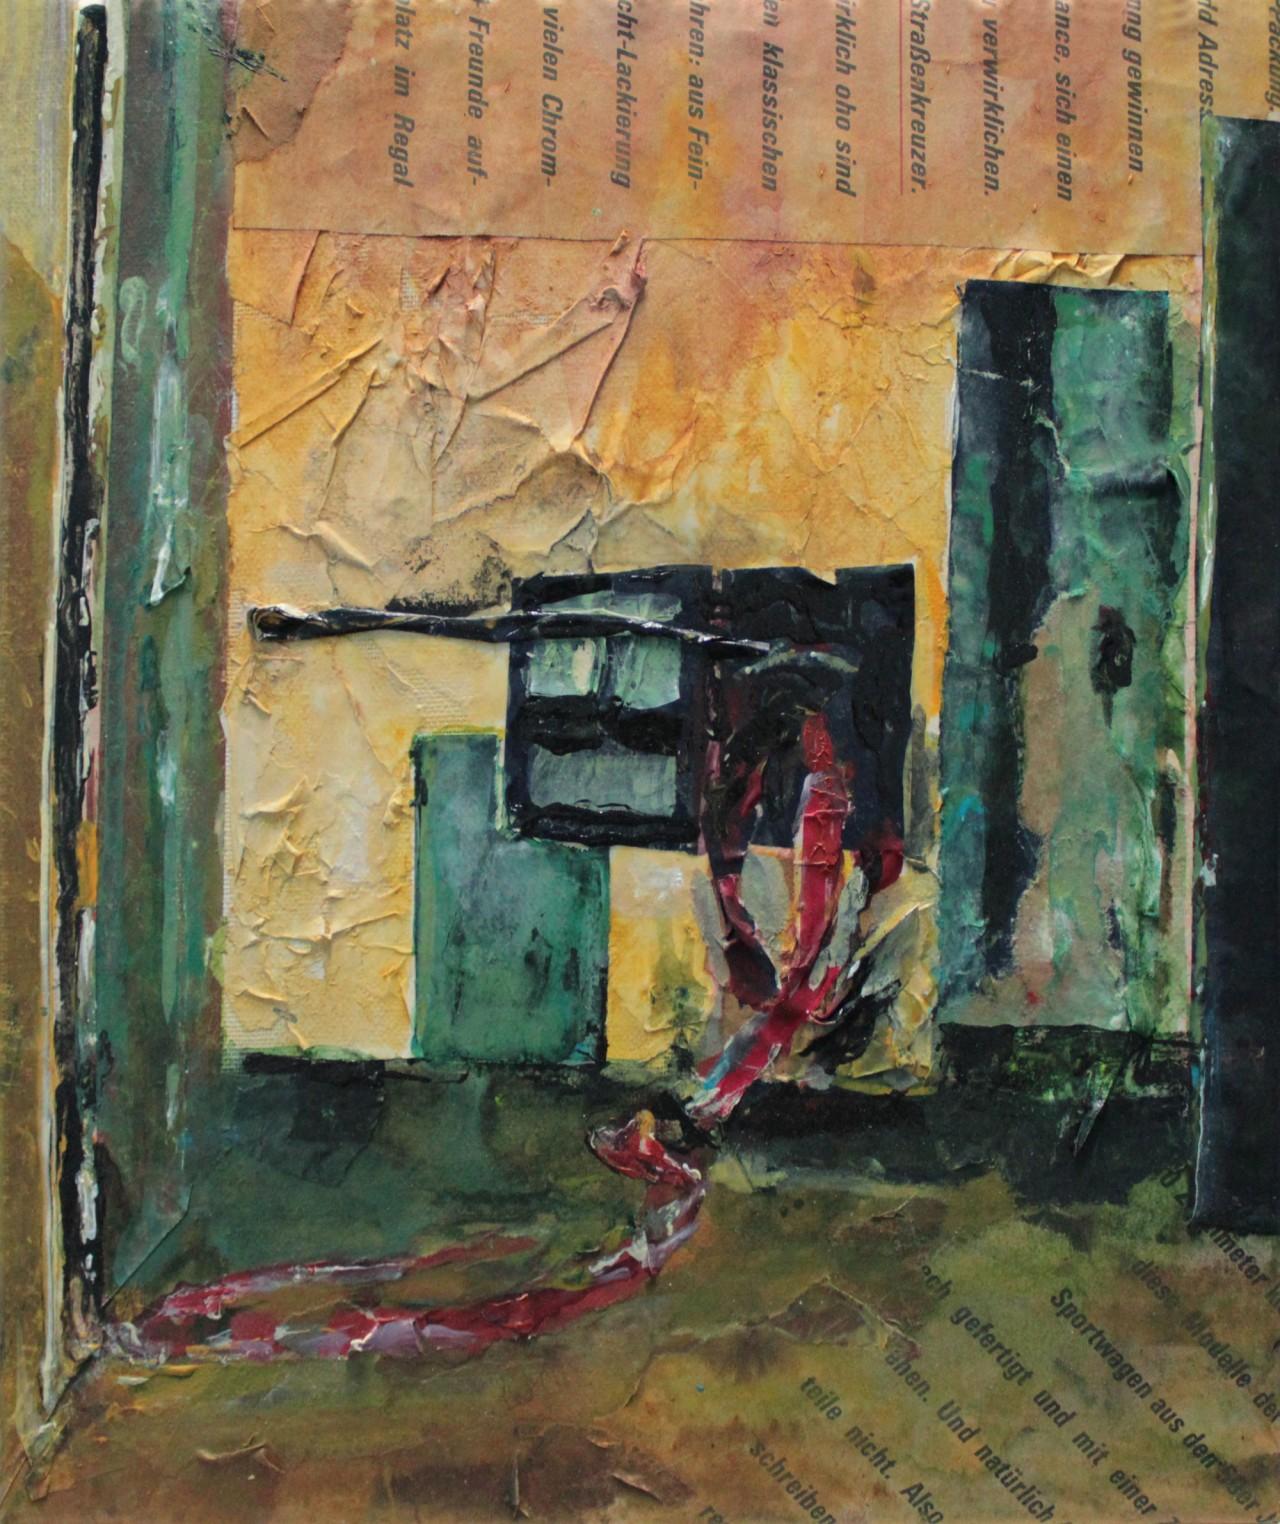 Entartete Zimmer 3 - Cerezo Montilla - compar cuadros modernos, comprar cuadros, cuadros modernos